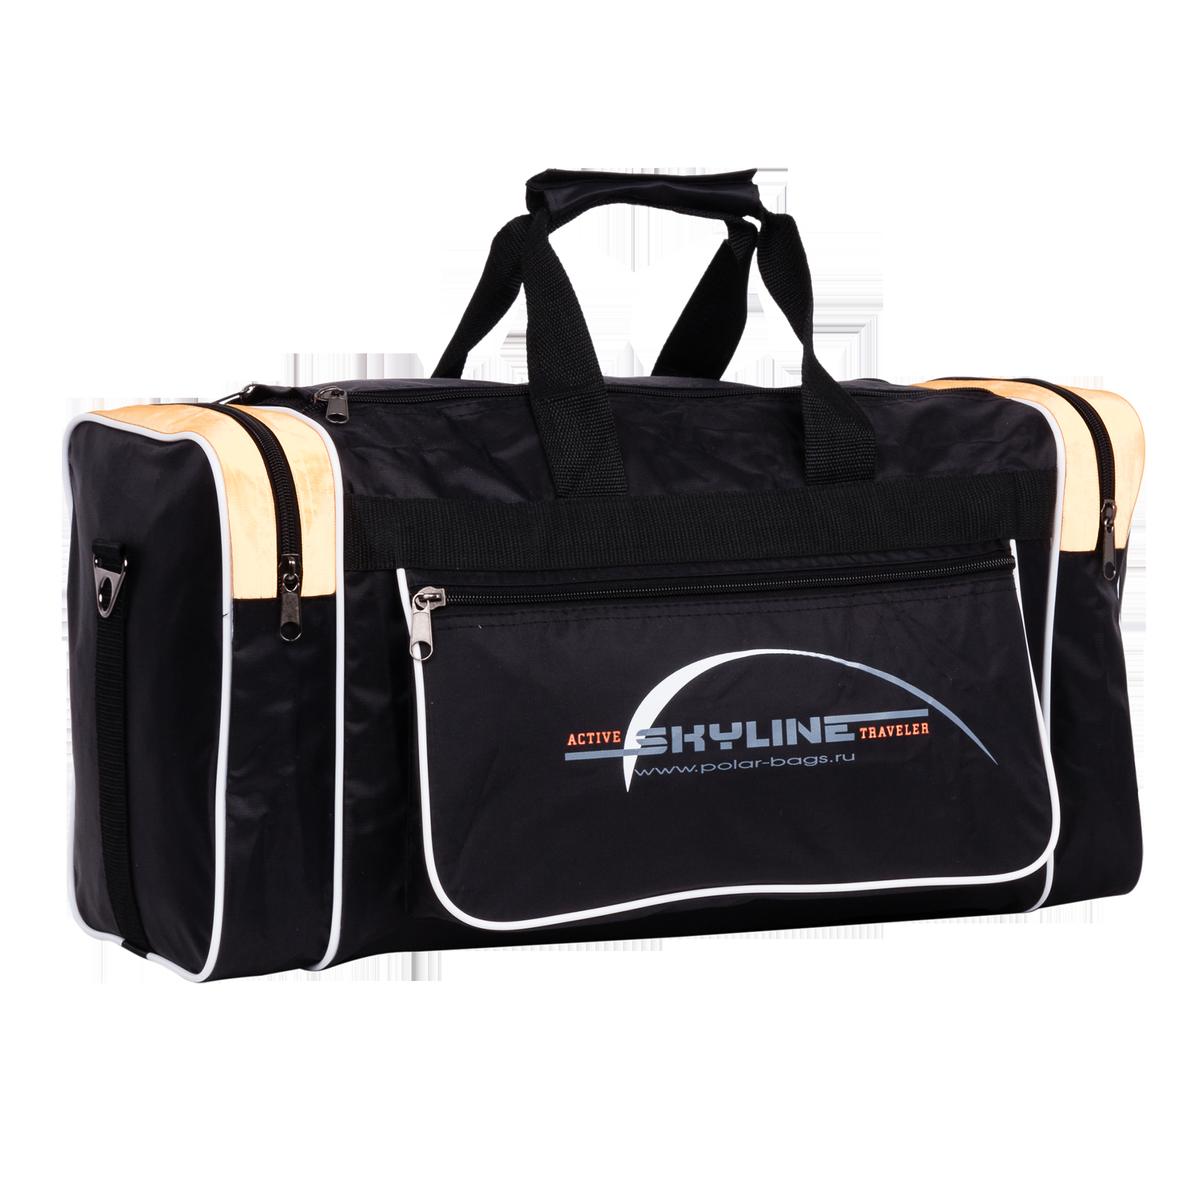 Сумка спортивная Polar, цвет: черный, бежевый, 30,5 л. 6007 сумка спортивная мужская adidas cvrt 3s duf m цвет черный 37 л cg1533